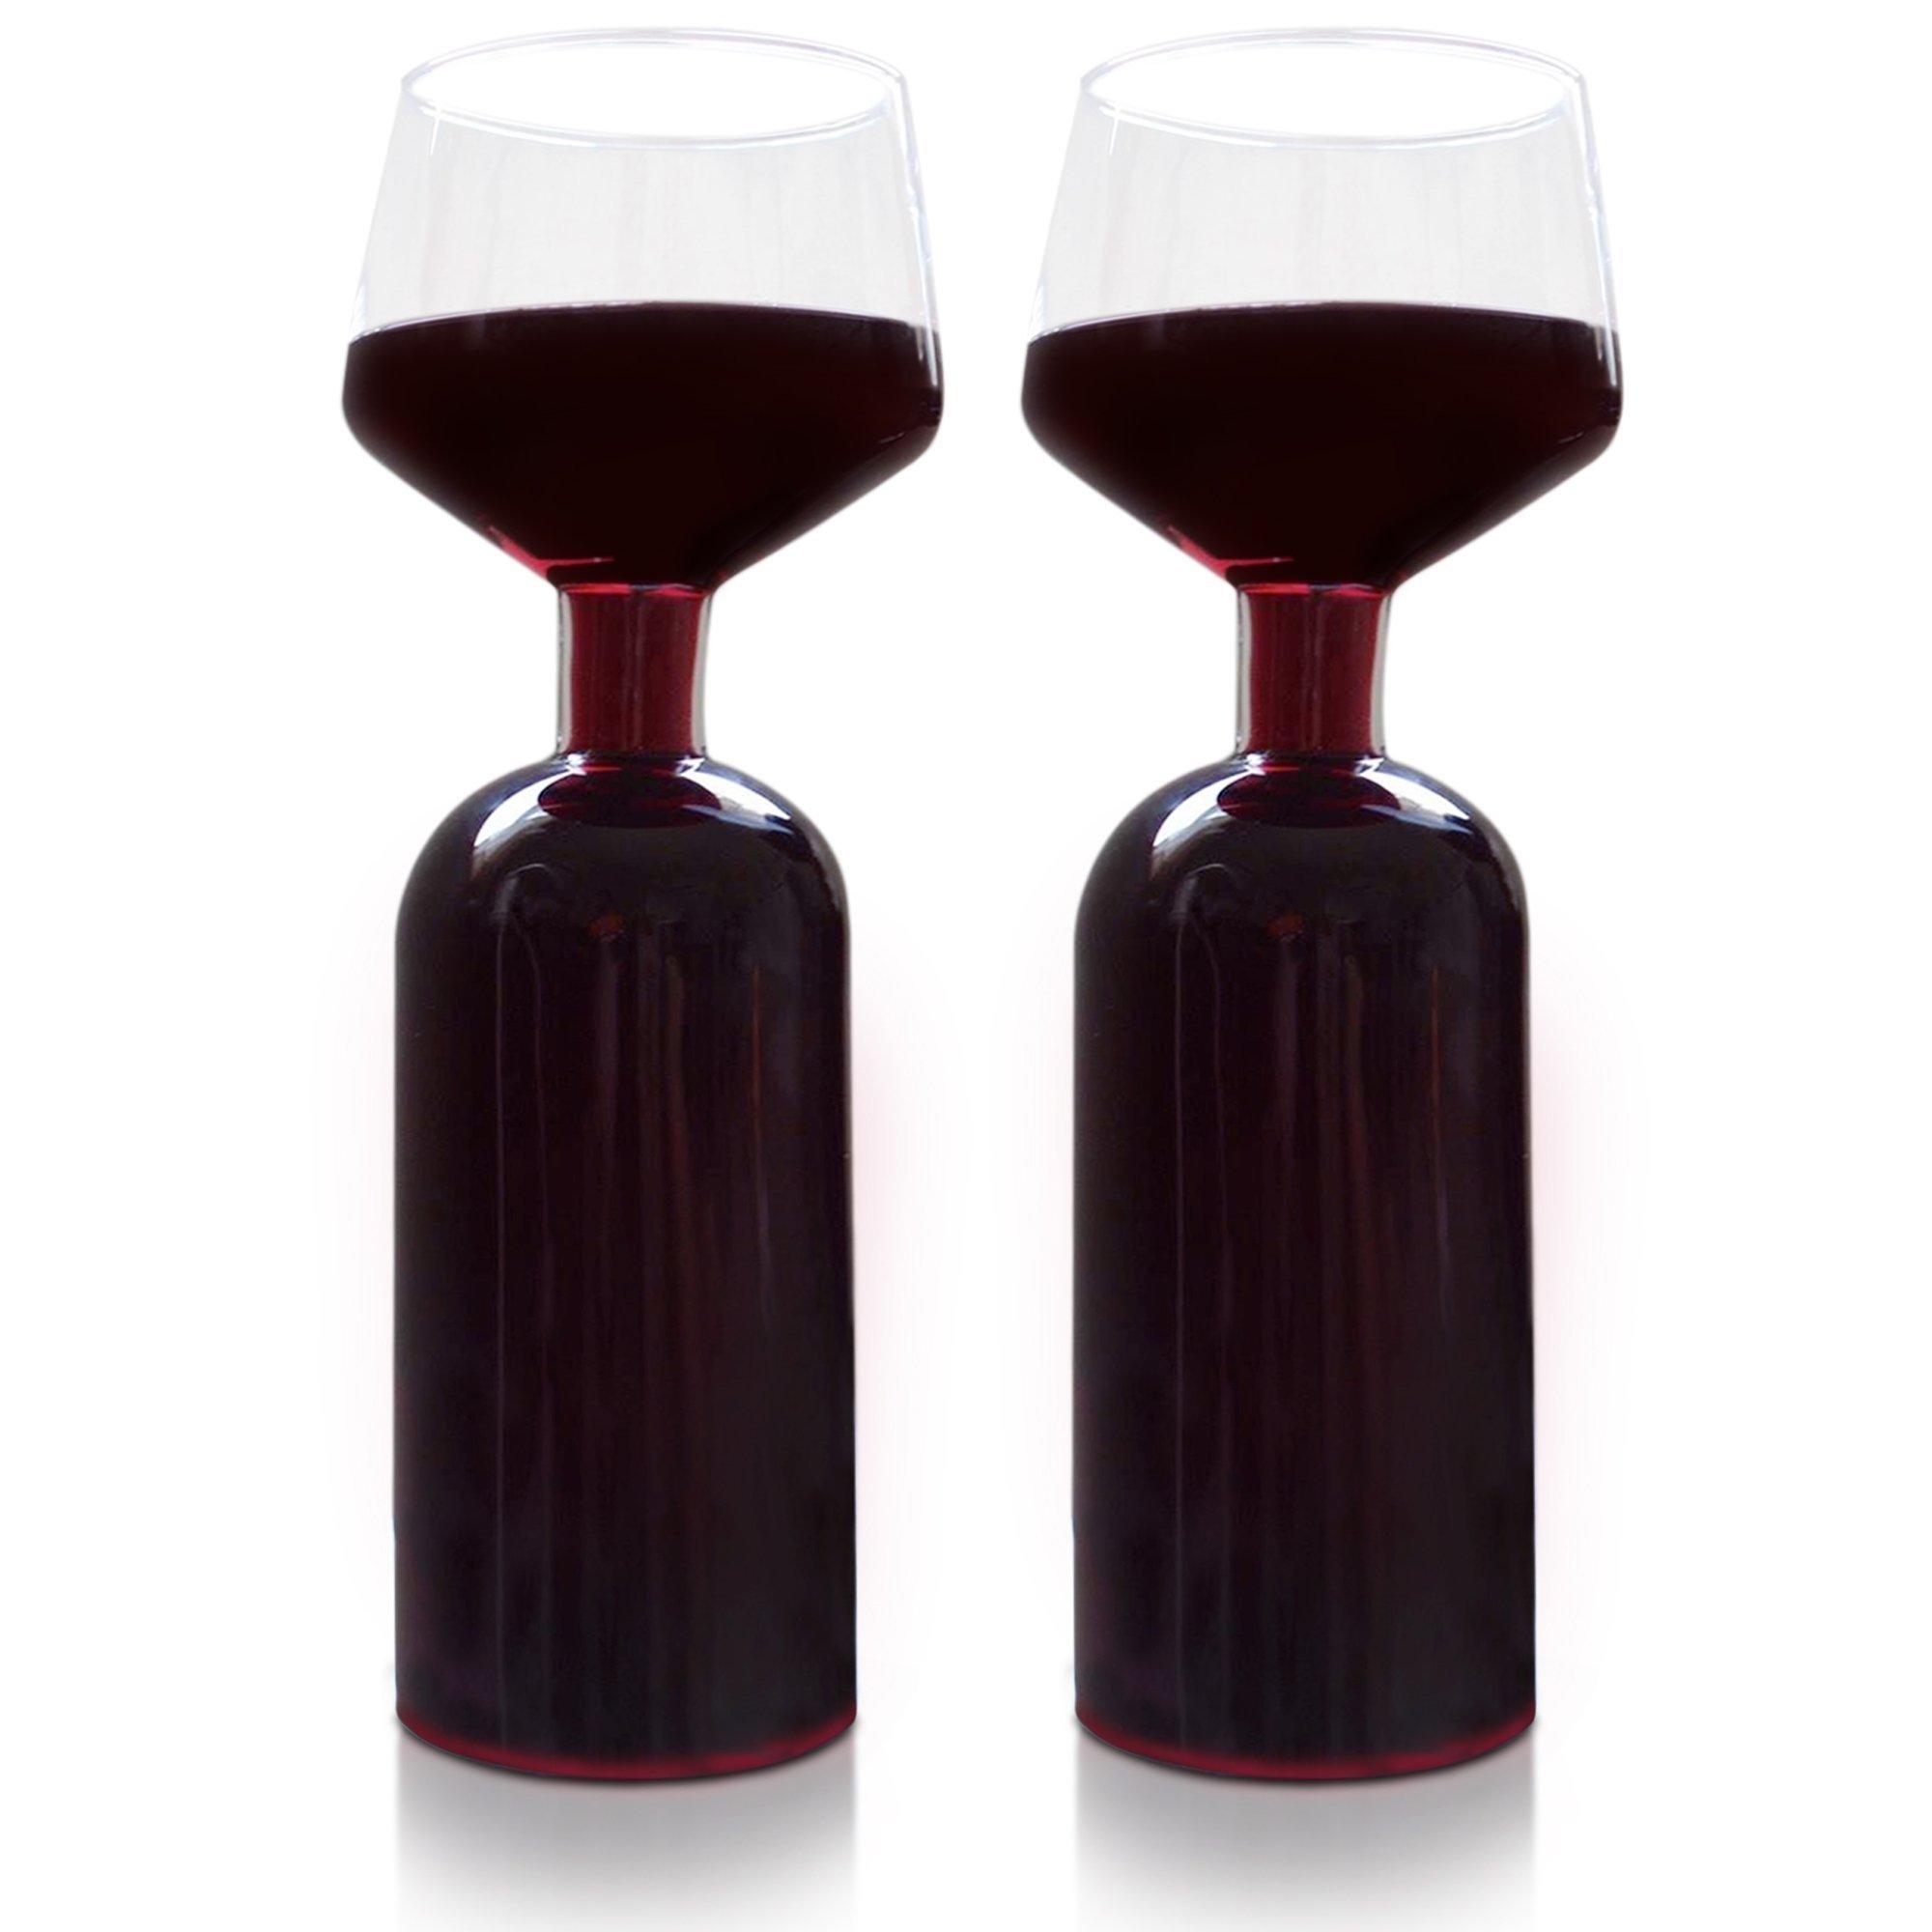 d1c0e362335 Cheap 660ml Wine Glass Bottle, find 660ml Wine Glass Bottle deals on ...